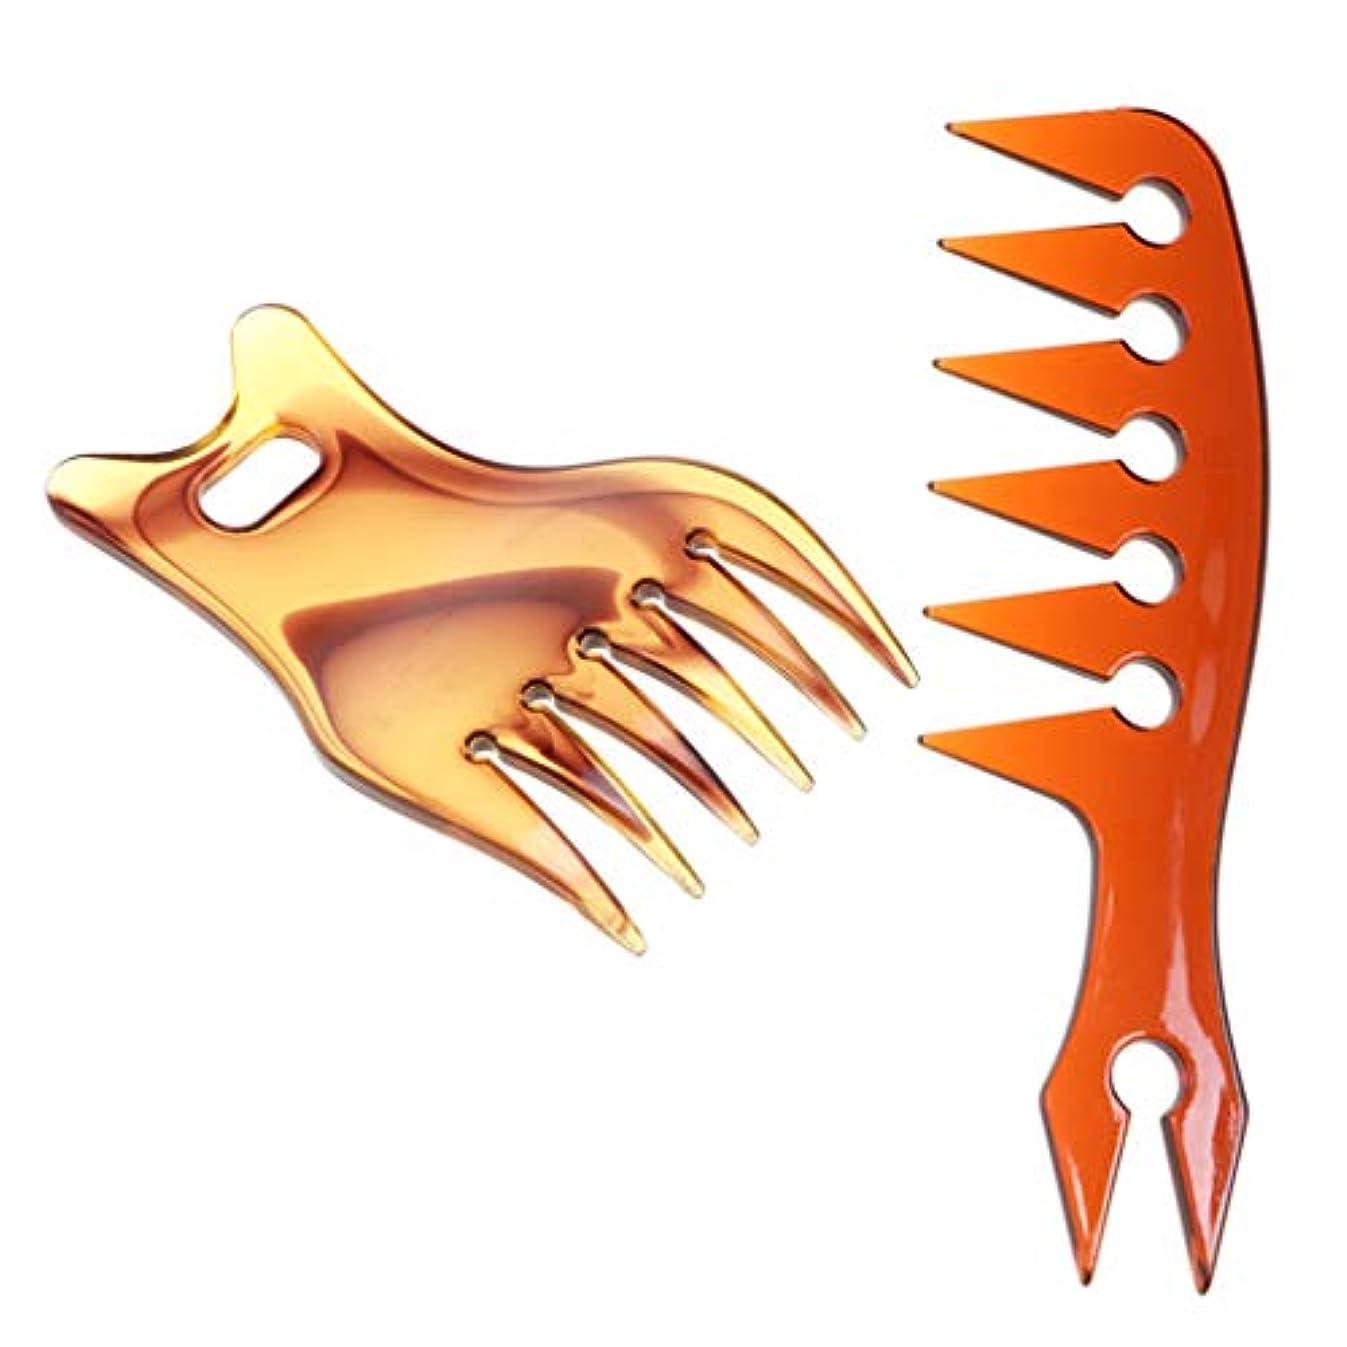 無実親密な敵対的ヘアコーム 荒目 ヘアスタイリング コーム もつれ防ぐ 広い歯 オイリーヘアコーム 帯電防止